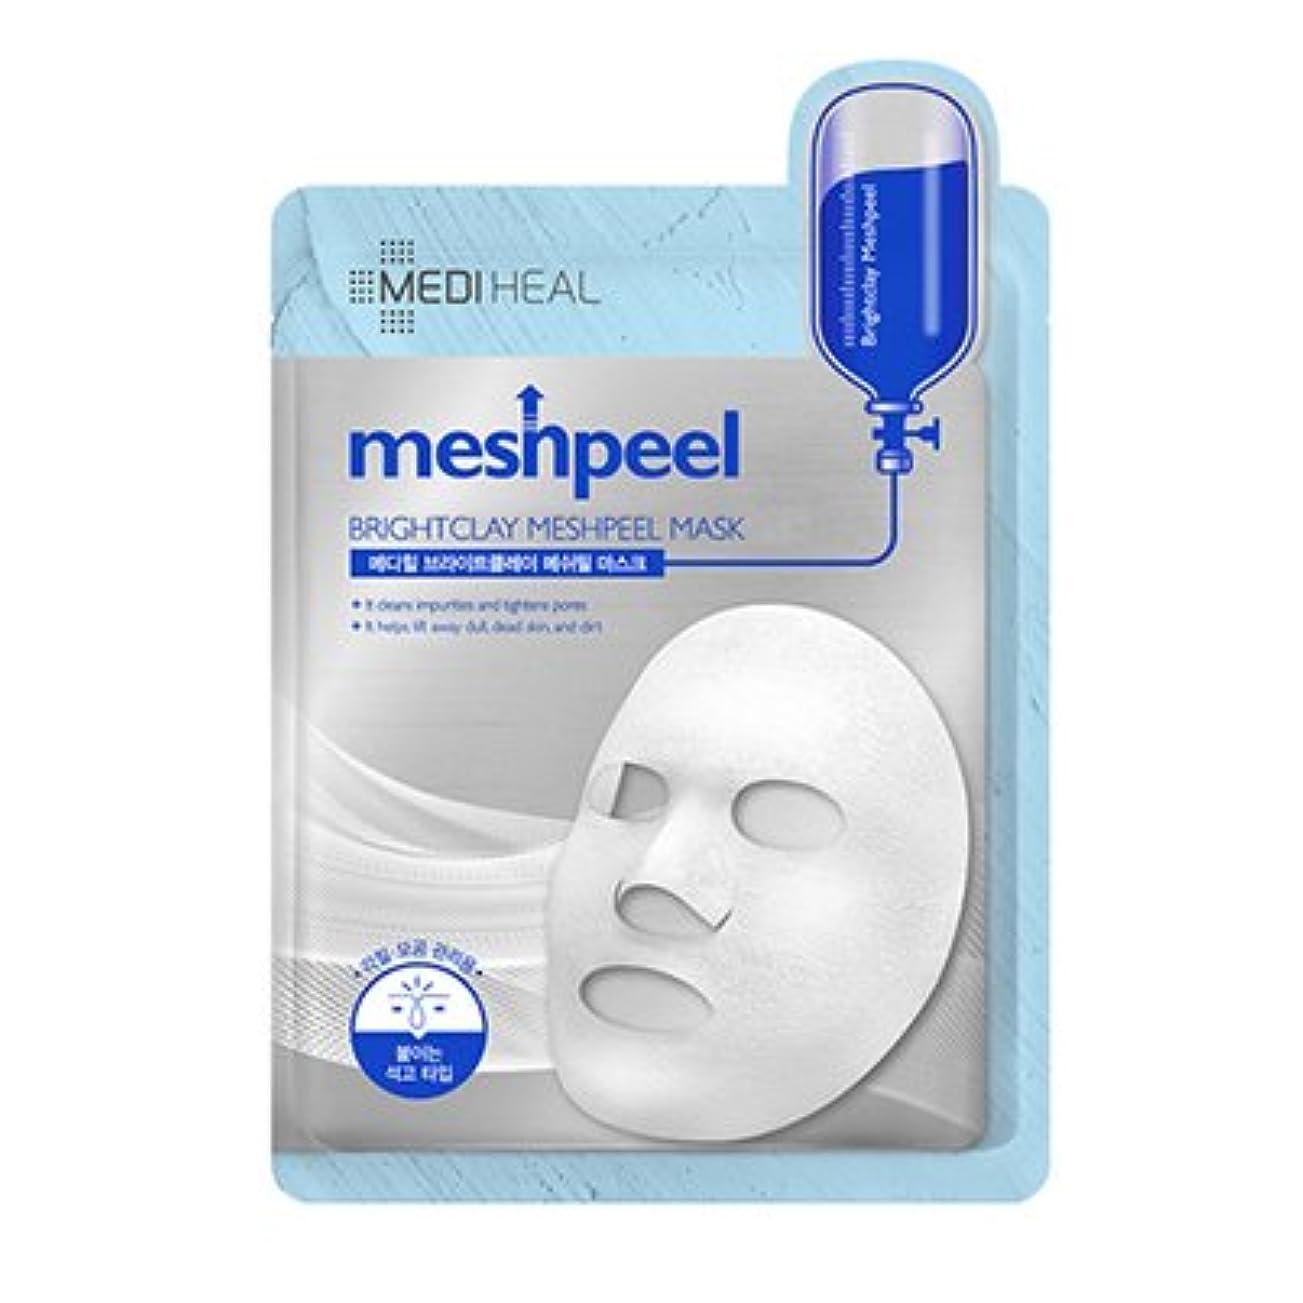 動力学解任吸収[New] MEDIHEAL Brightclay Meshpeel Mask 17g × 10EA/メディヒール ブライト クレイ メッシュ ピール マスク 17g × 10枚